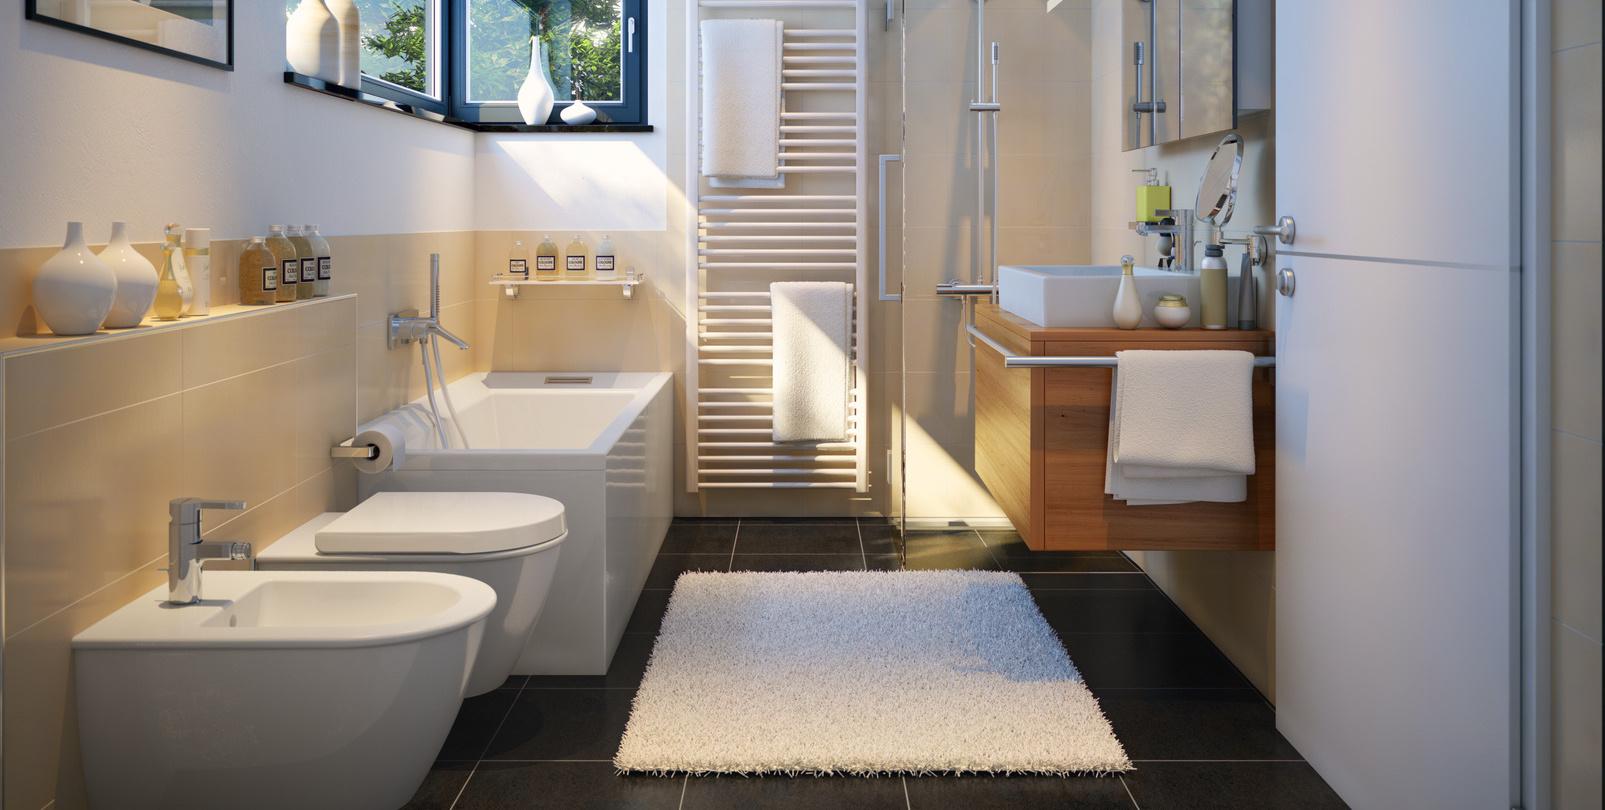 Knoche Haustechnik. Badrenovierung - Badsanierung - Mit Leichtigkeit